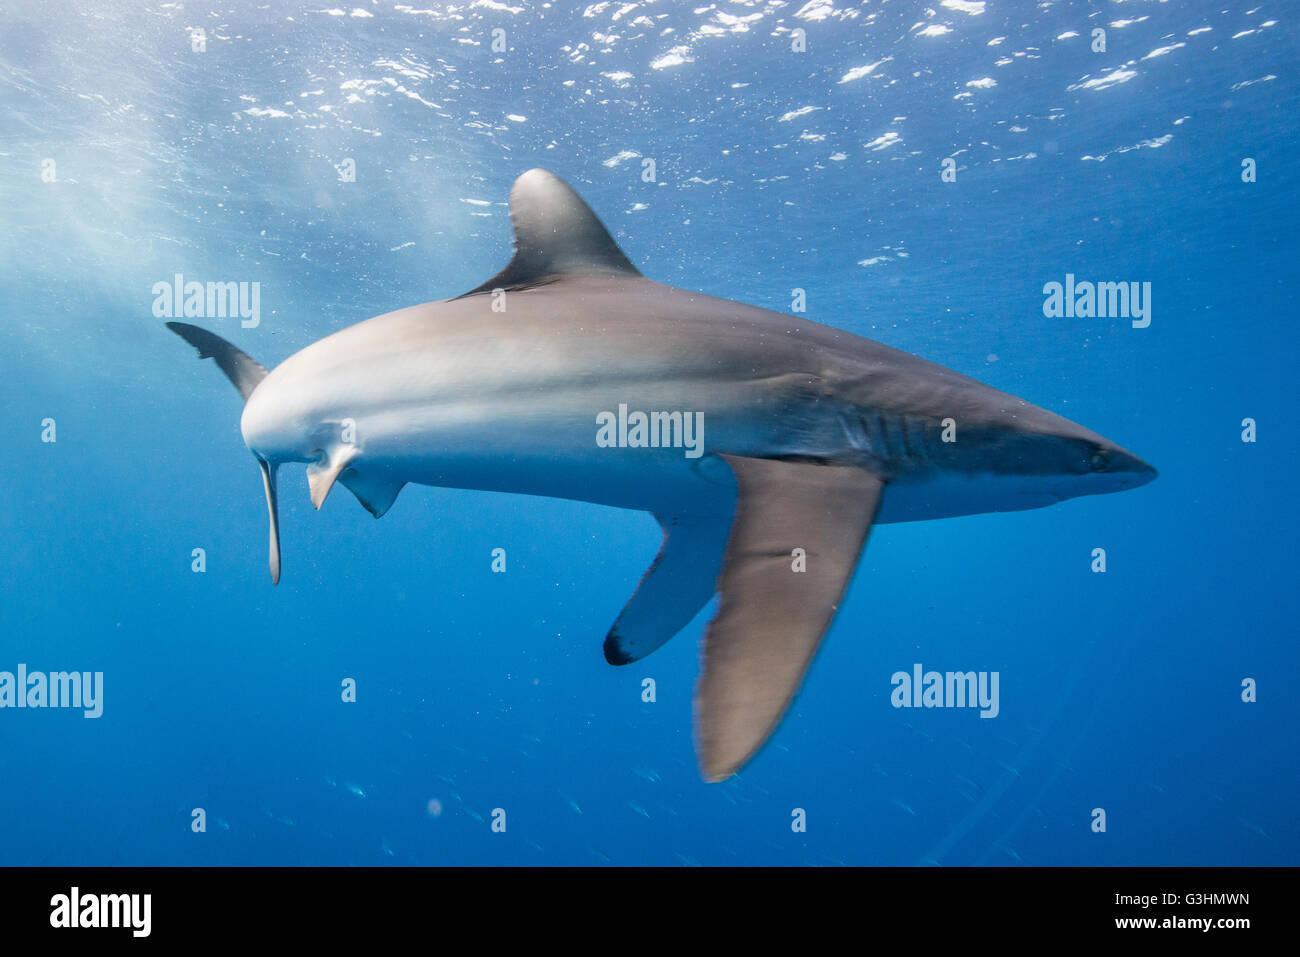 Seidige Hai (Carcharhinus Falciformis) zeigt betonte Verhalten: Körper und Brustflossen, die nach unten gewölbt. Stockbild